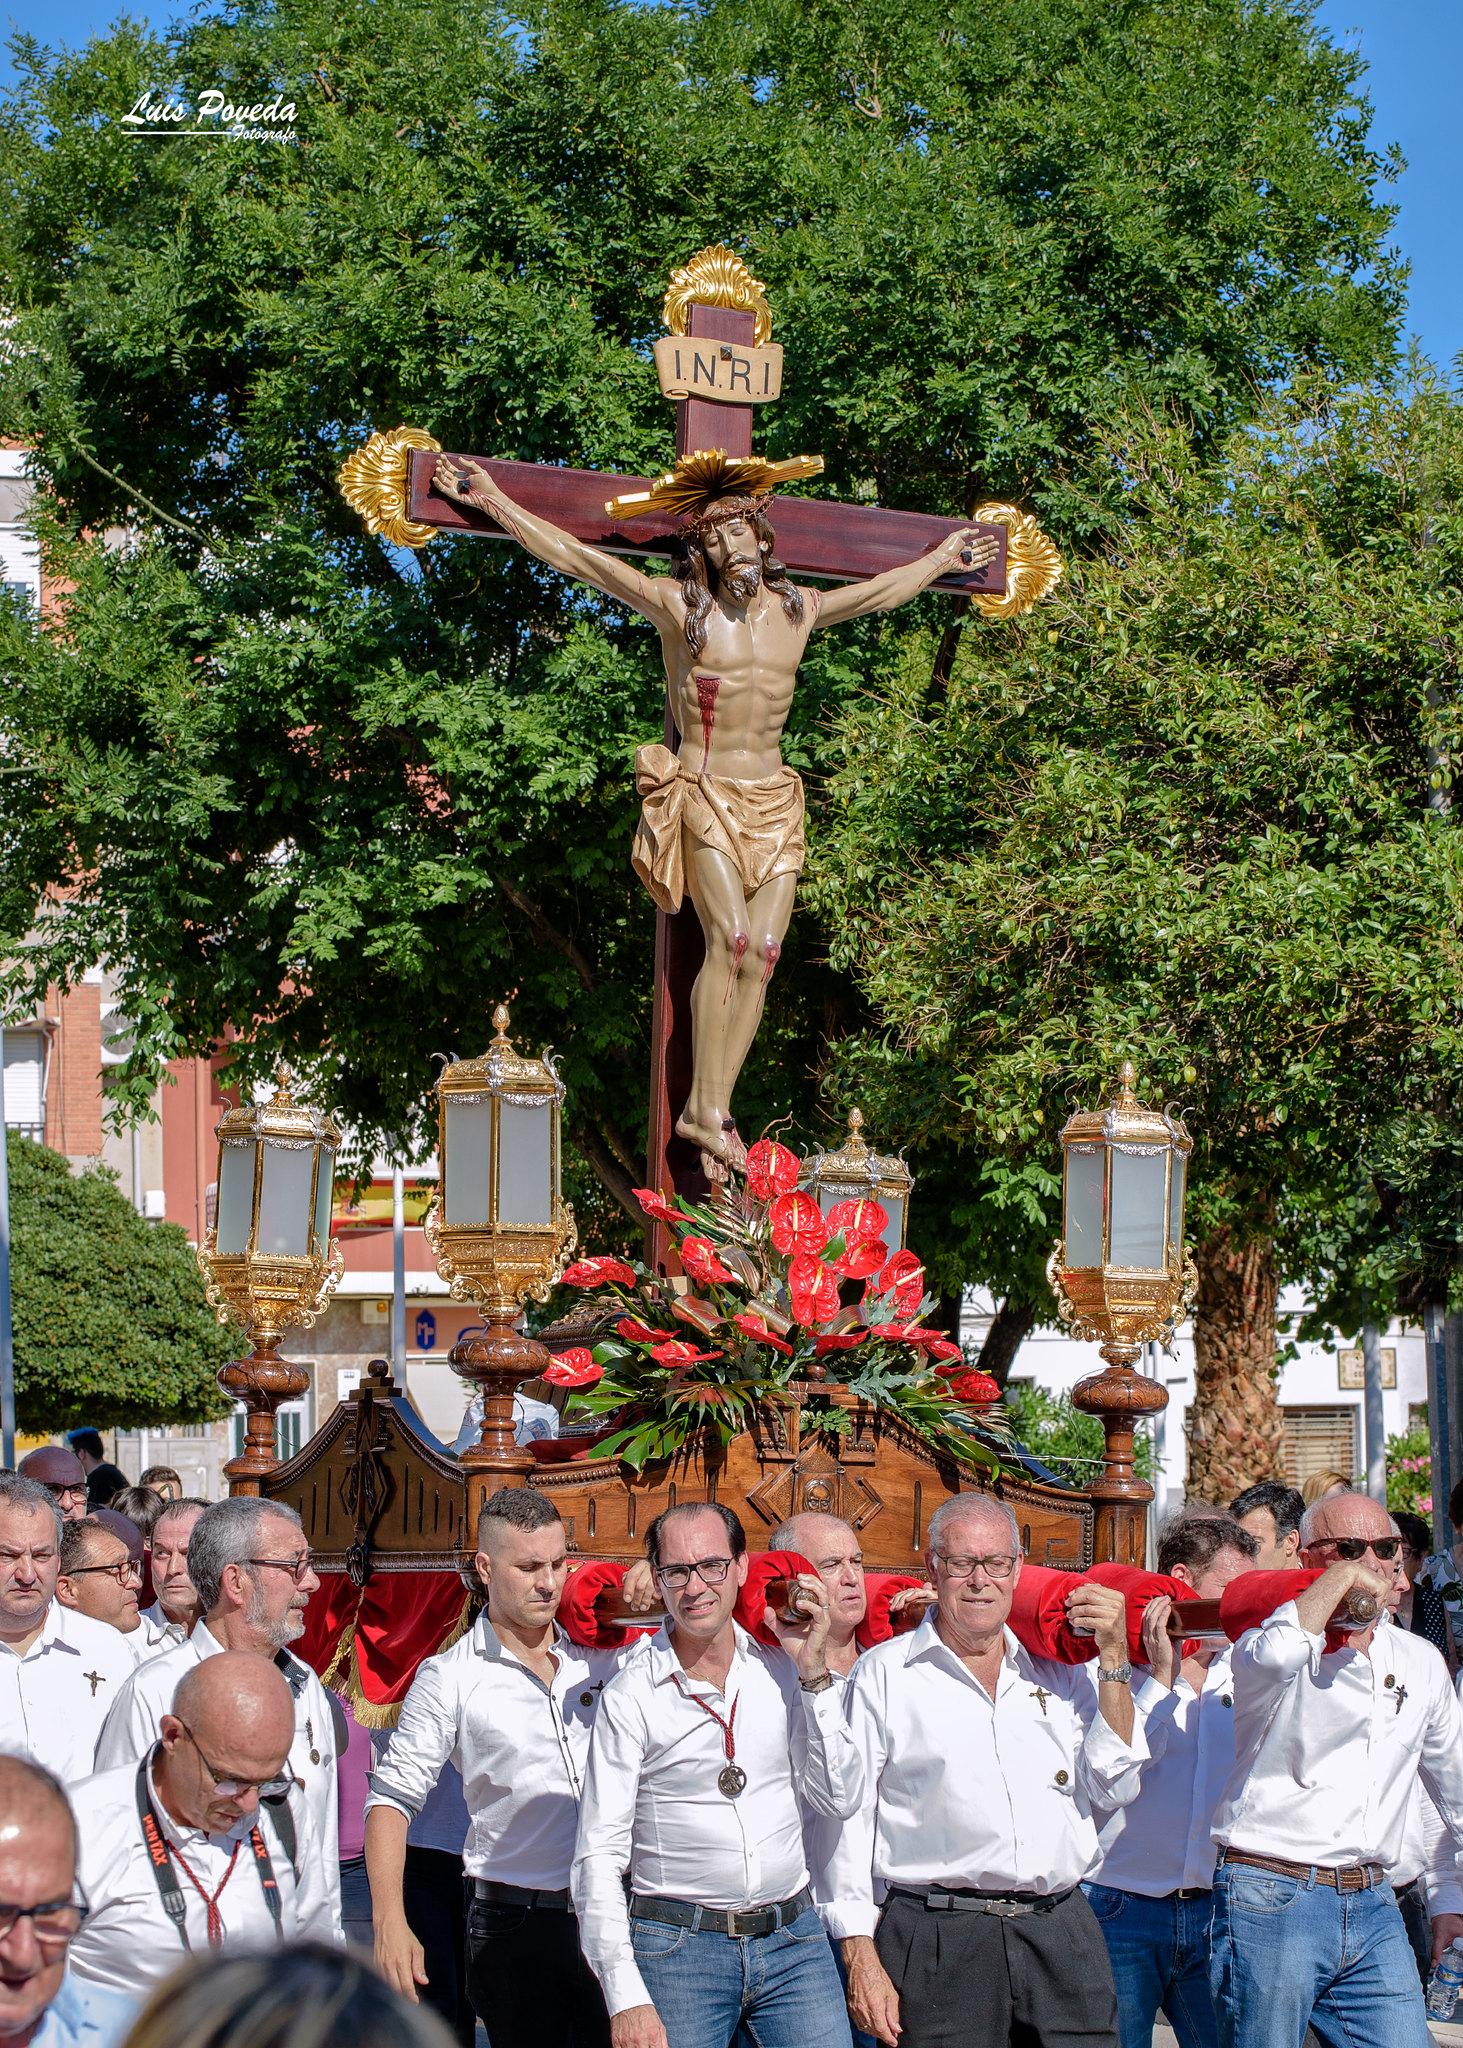 (2018-06-16) - 75 Aniversario - Encuentro - Luis Poveda Galiano (05)